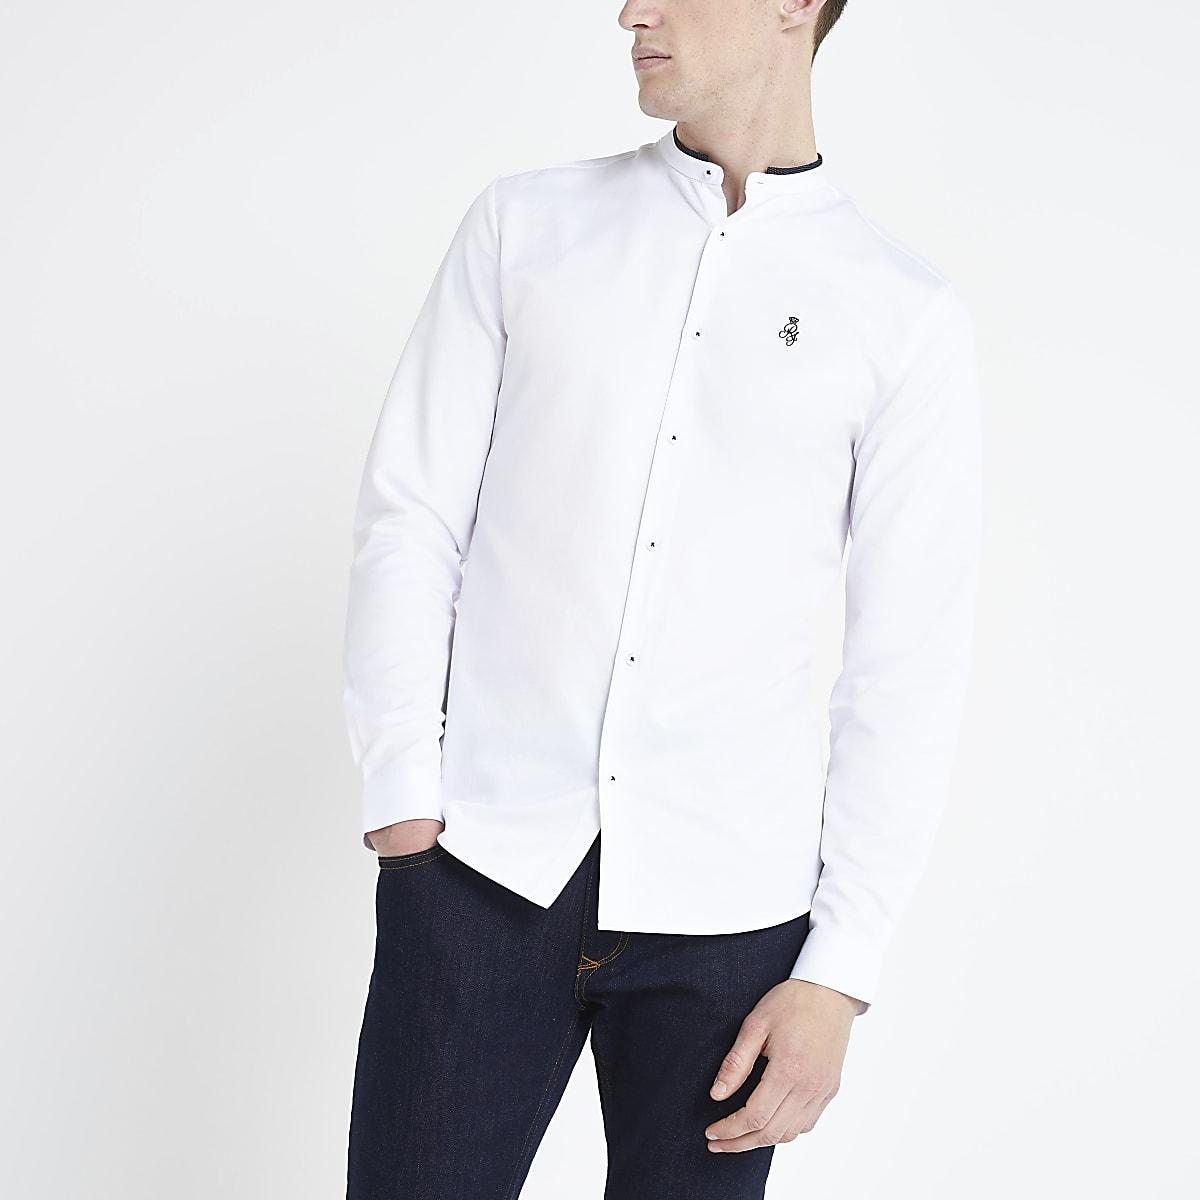 Overhemd Wit Slim Fit.Wit Slim Fit Overhemd Zonder Kraag Met Ri Logo Overhemden Met